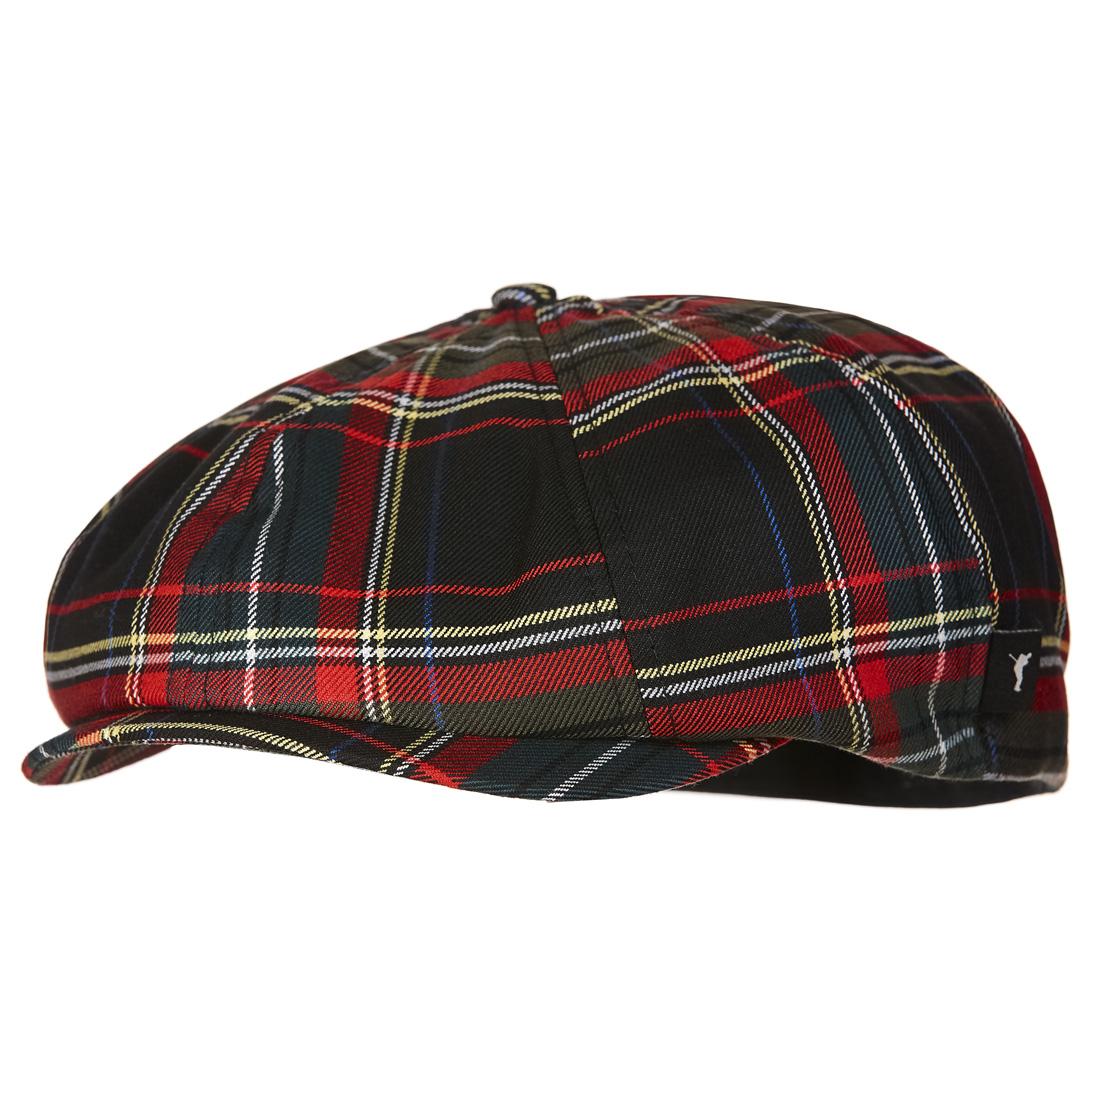 Karierte Herren Golfmütze aus der Highlands Heritage Kollektion